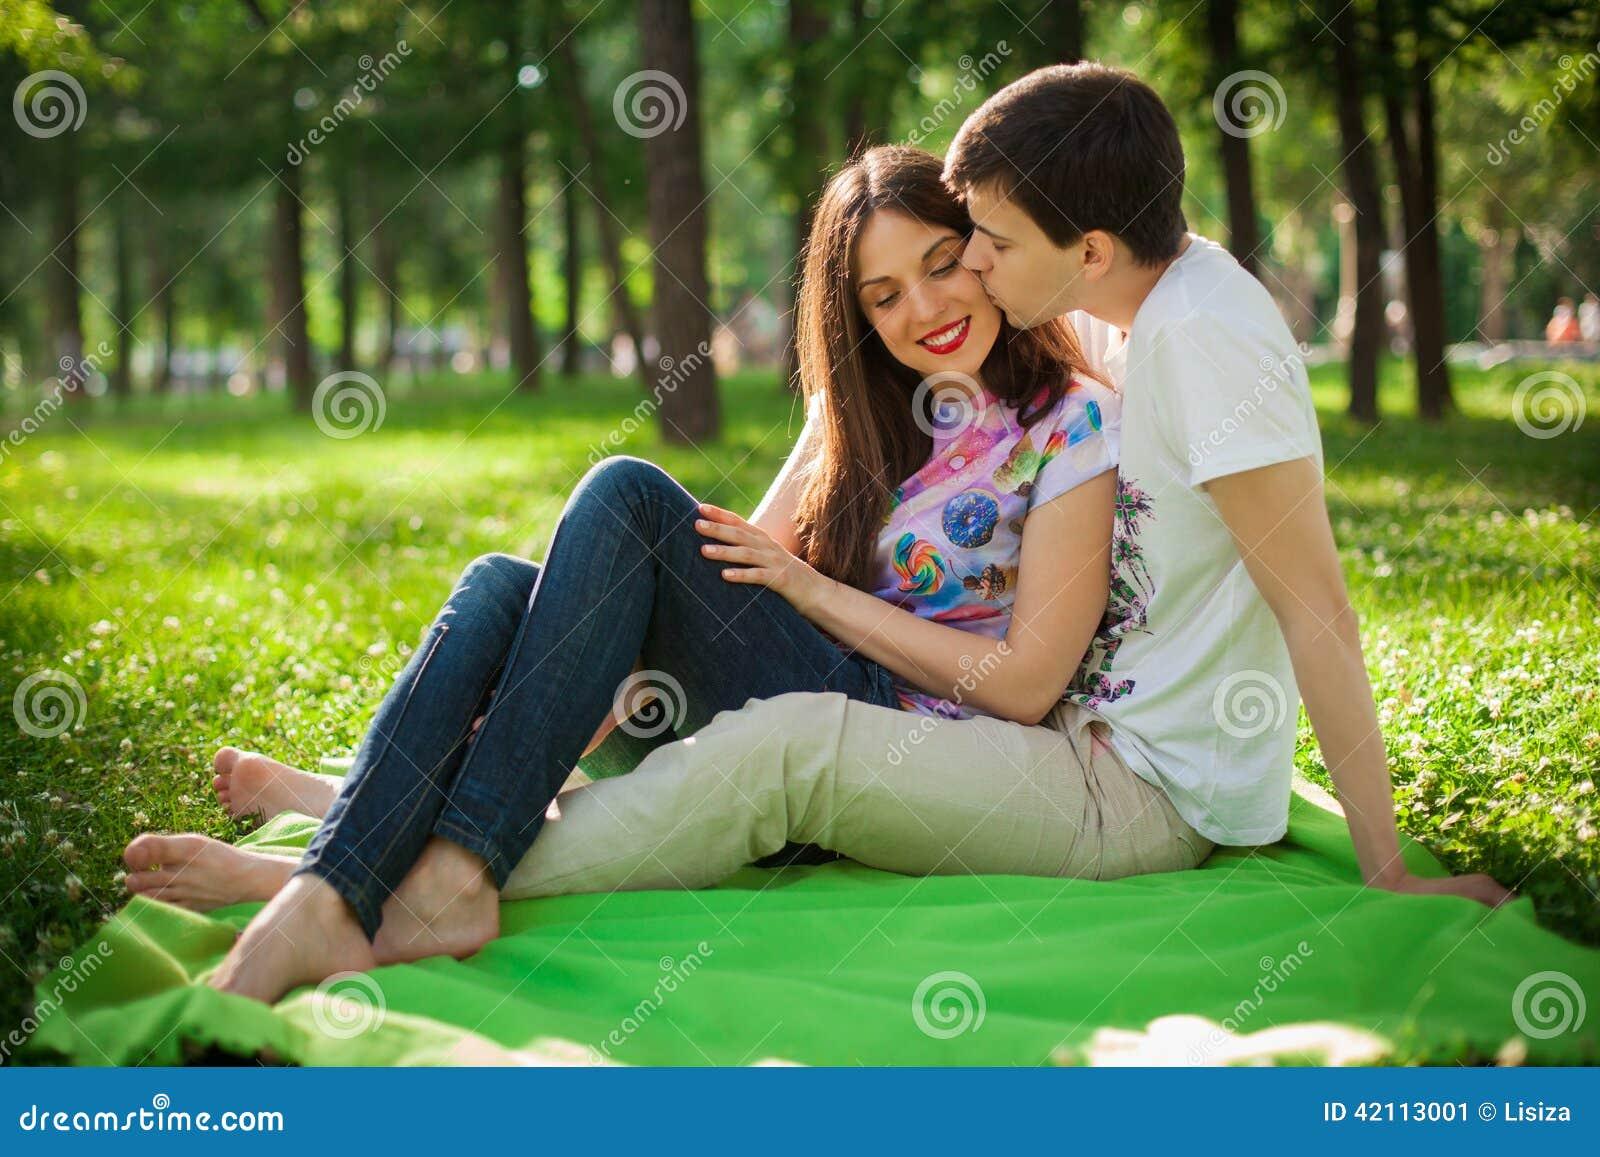 Dating ein sportliches mädchen